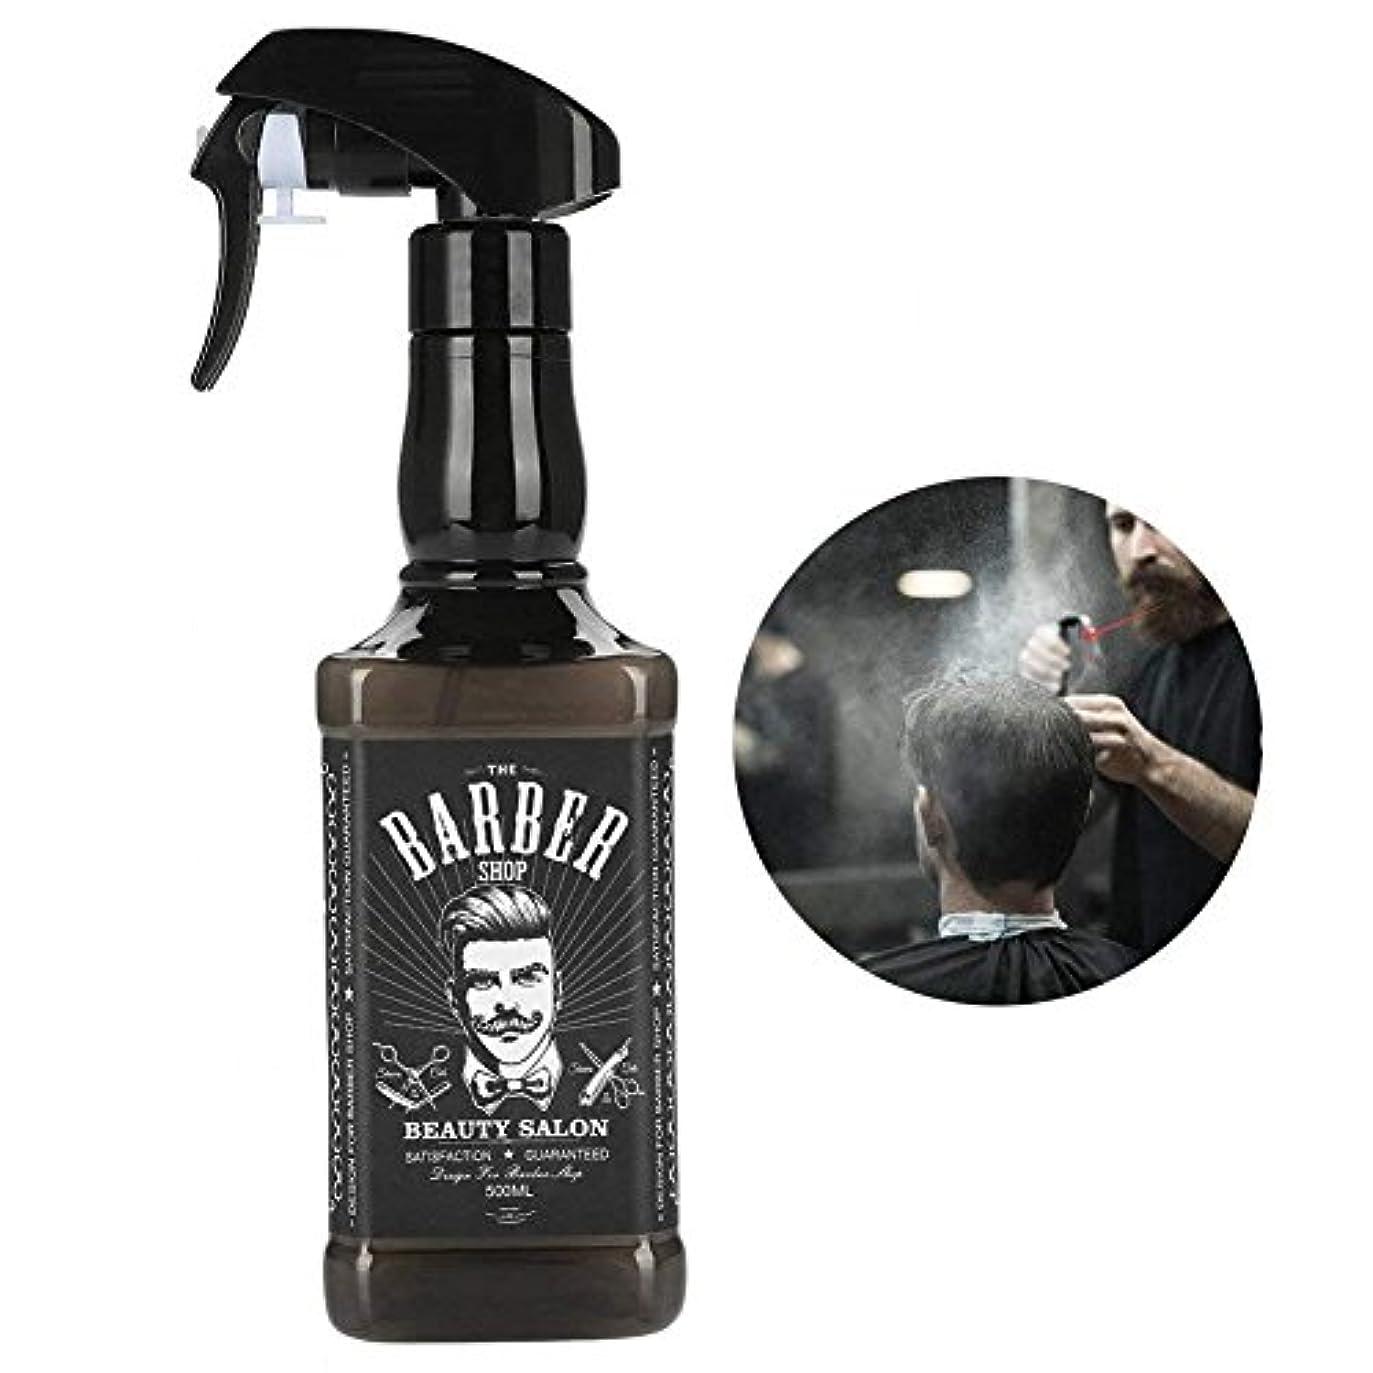 自転車高音アンカー理髪スプレーボトル、500ミリリットルプラスチック理髪スプレーボトルサロン理容髪ツール水スプレー(黒)